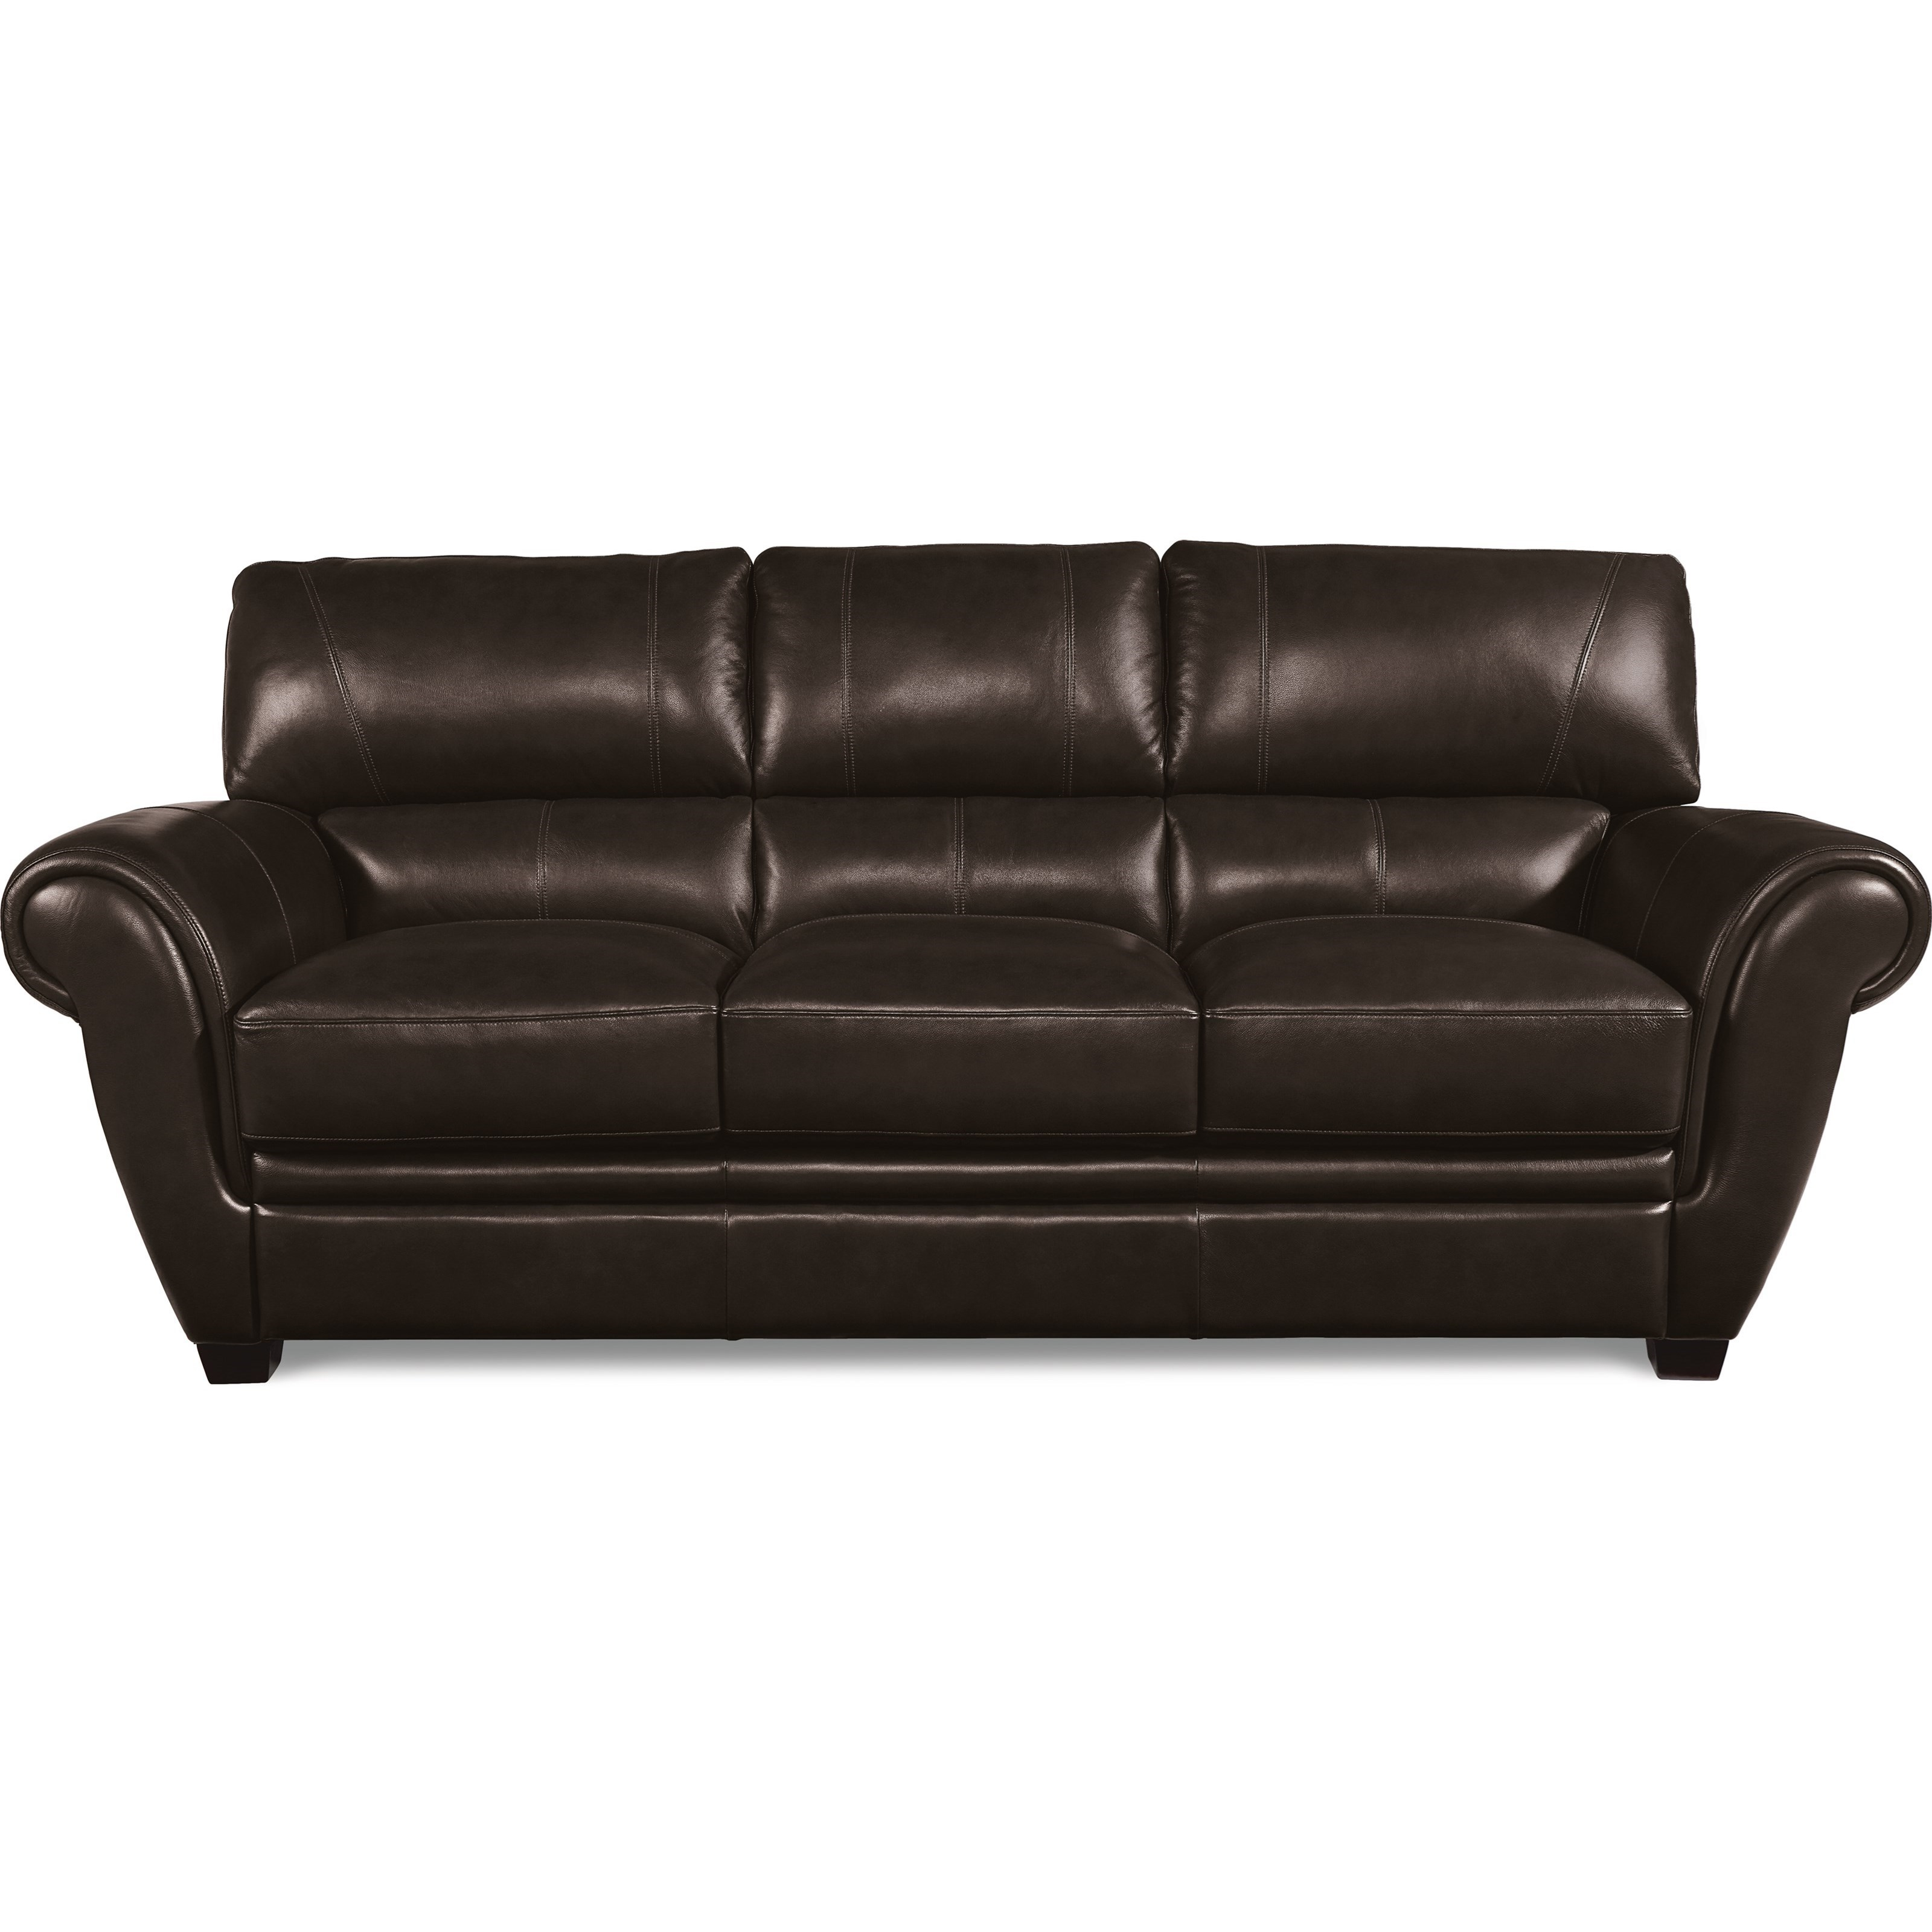 La-Z-Boy Nitro Leather Match Sofa | Johnny Janosik | Sofas